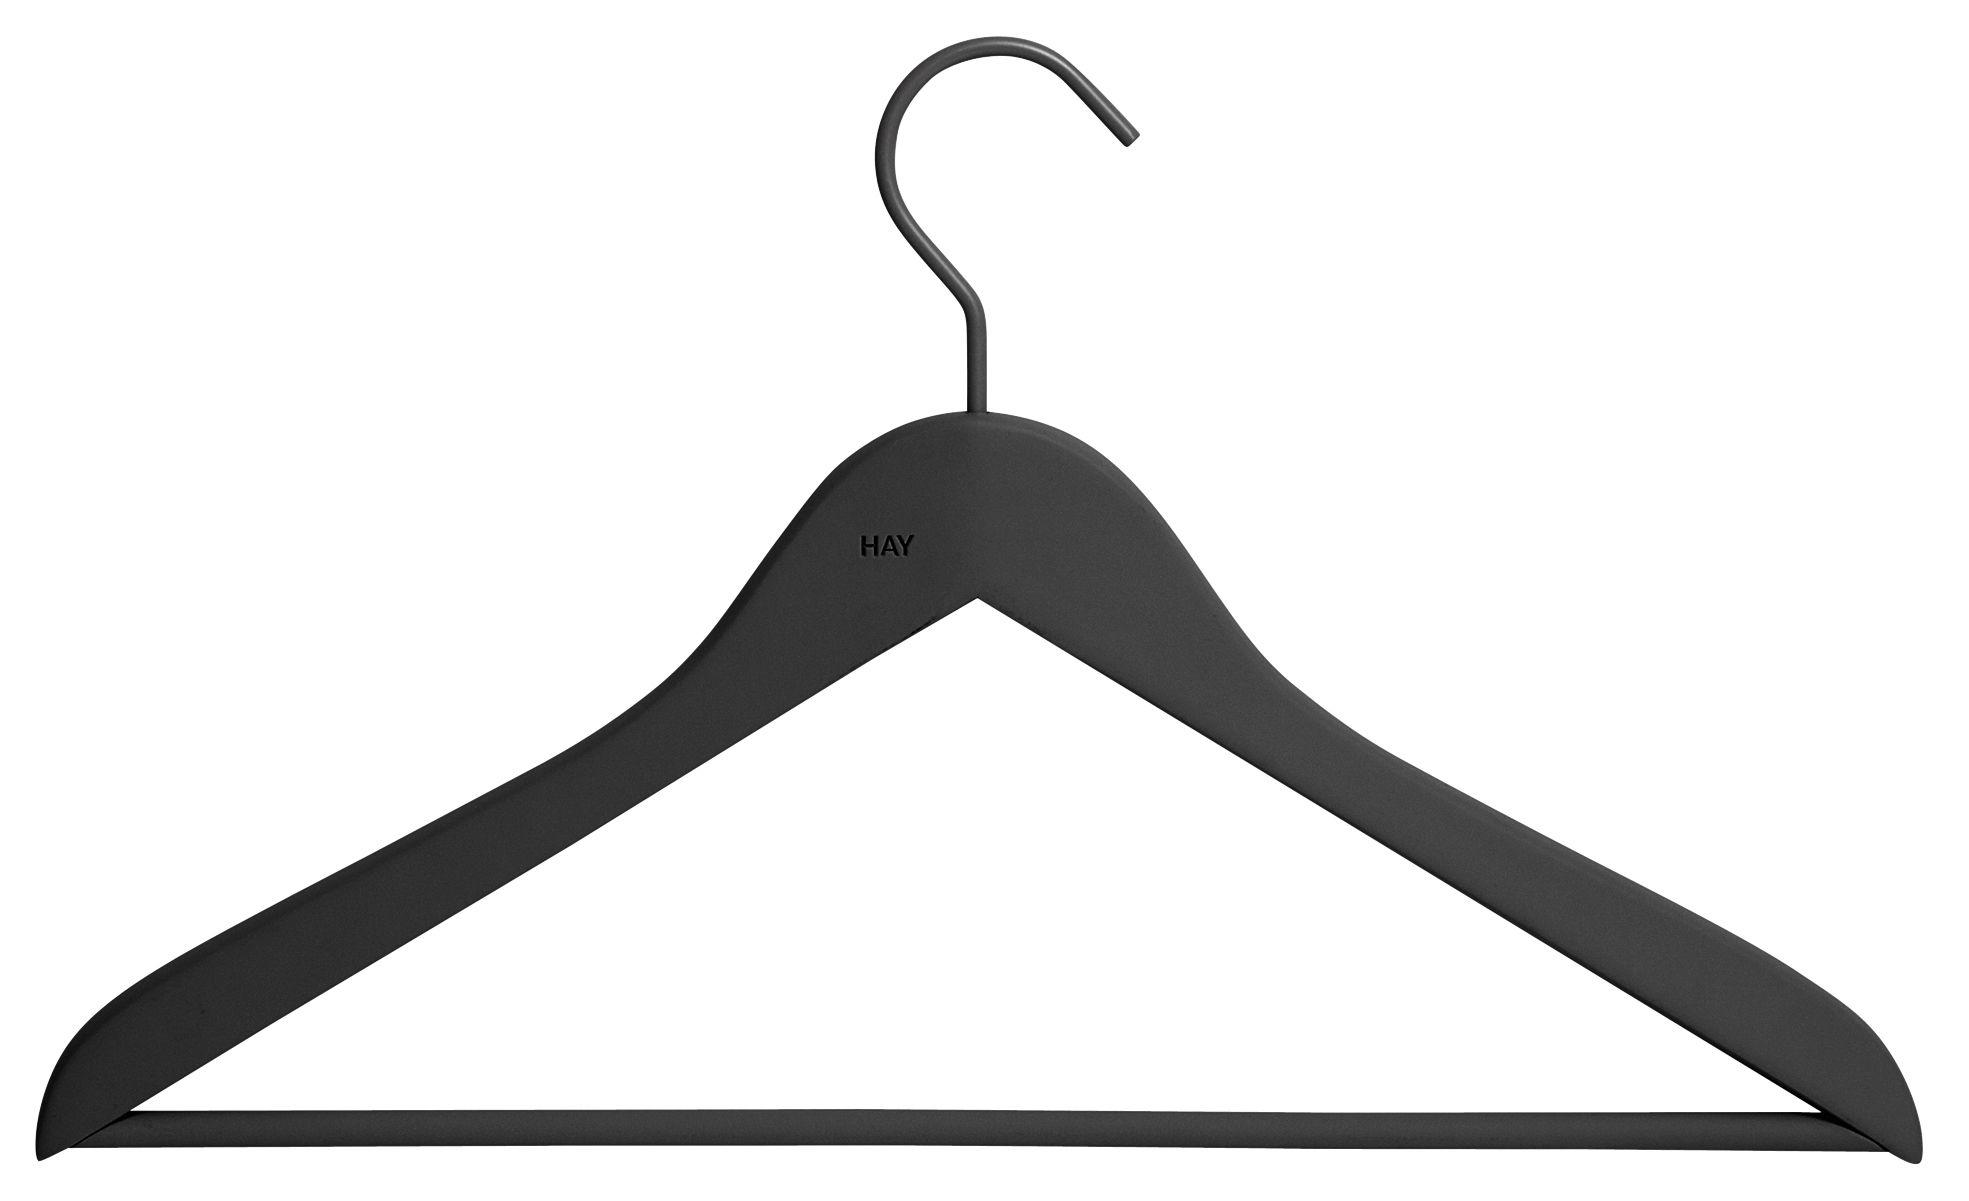 Déco - Portemanteaux et patères - Cintre Soft Coat Fin / Con barra - Set da 4 - Hay - Noir - Bois, Caoutchouc